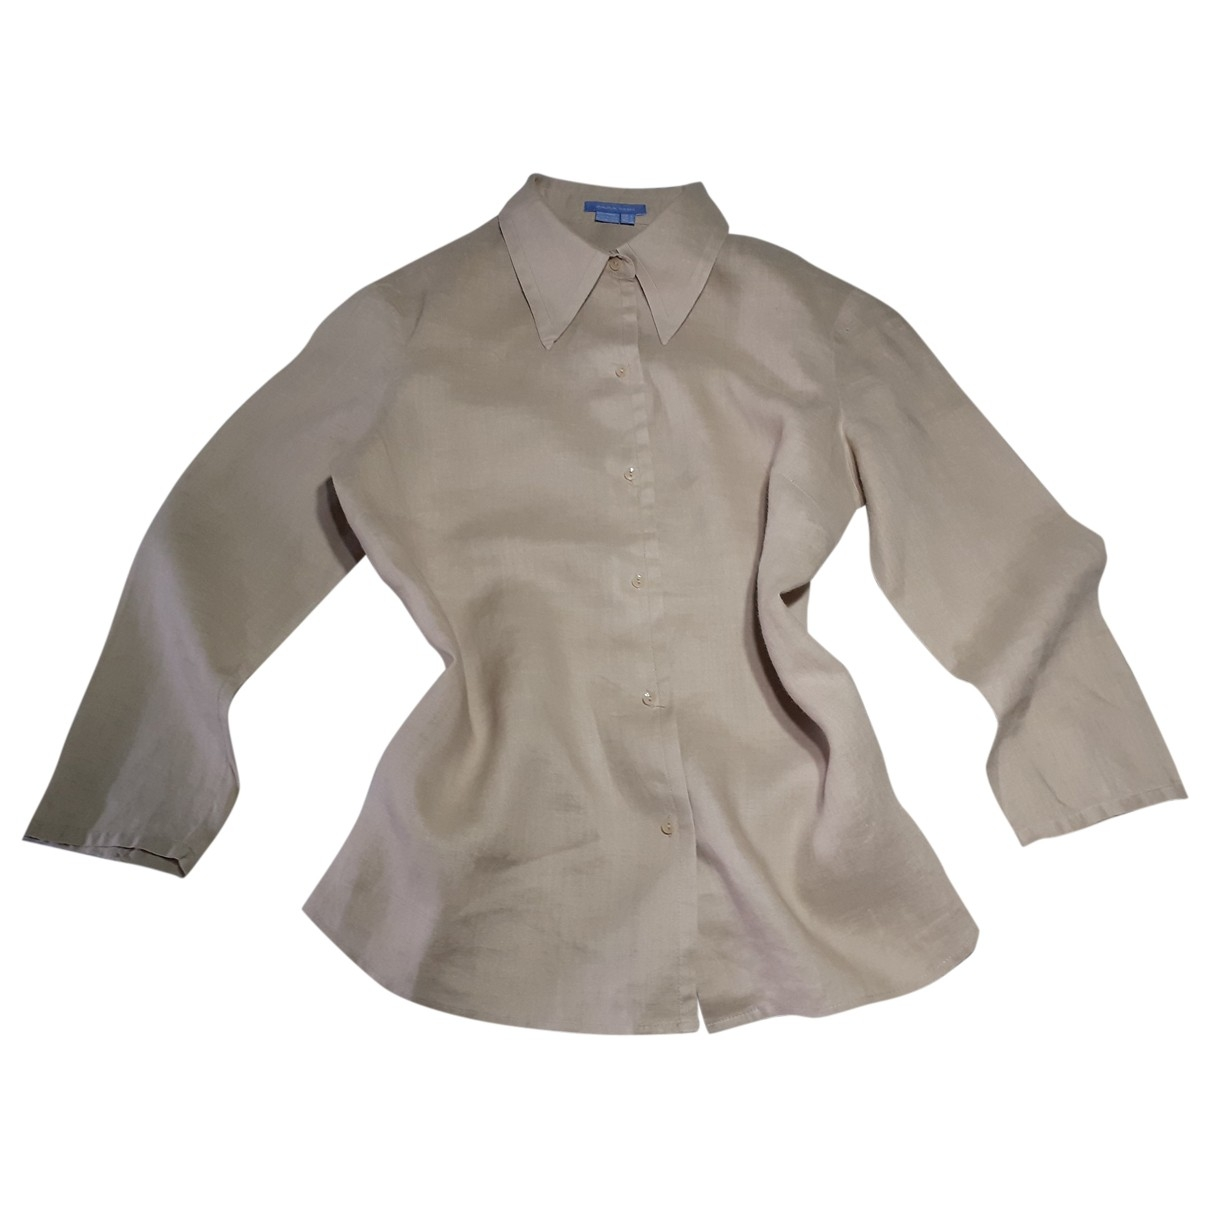 Zara - Top   pour femme en lin - beige